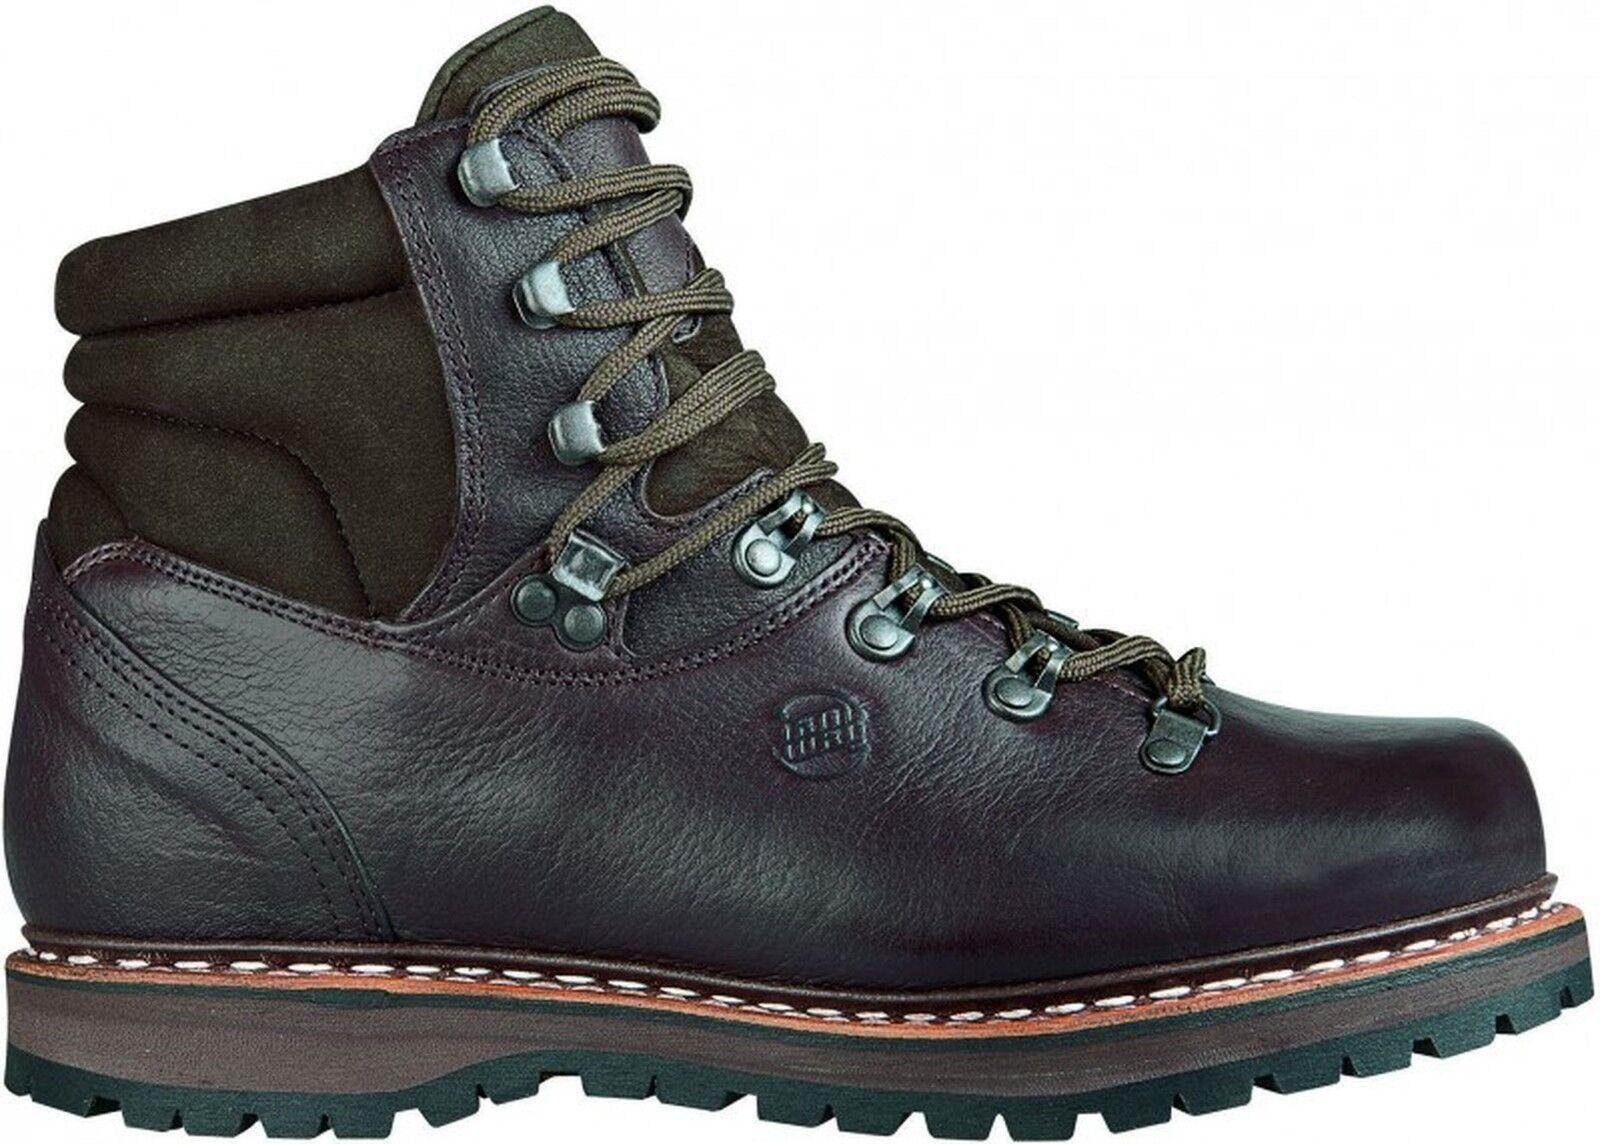 Hanwag trekking yak  zapatos Tashi tamaño 12,5 - 48 Marone  promociones de descuento